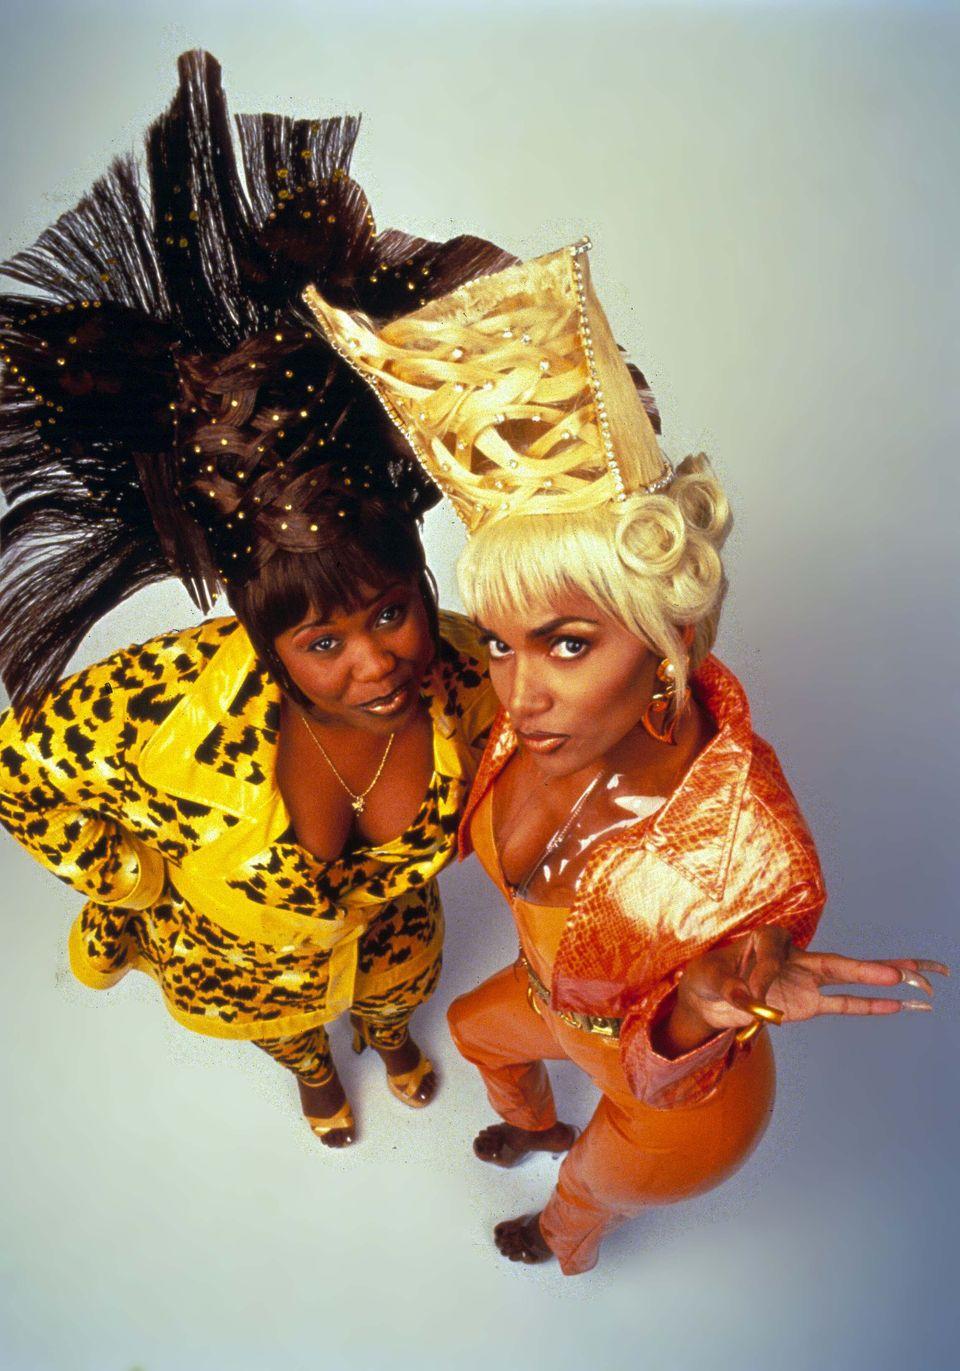 Natalie Desselle, izquierda, y Halle Berry protagonizaron en 1997